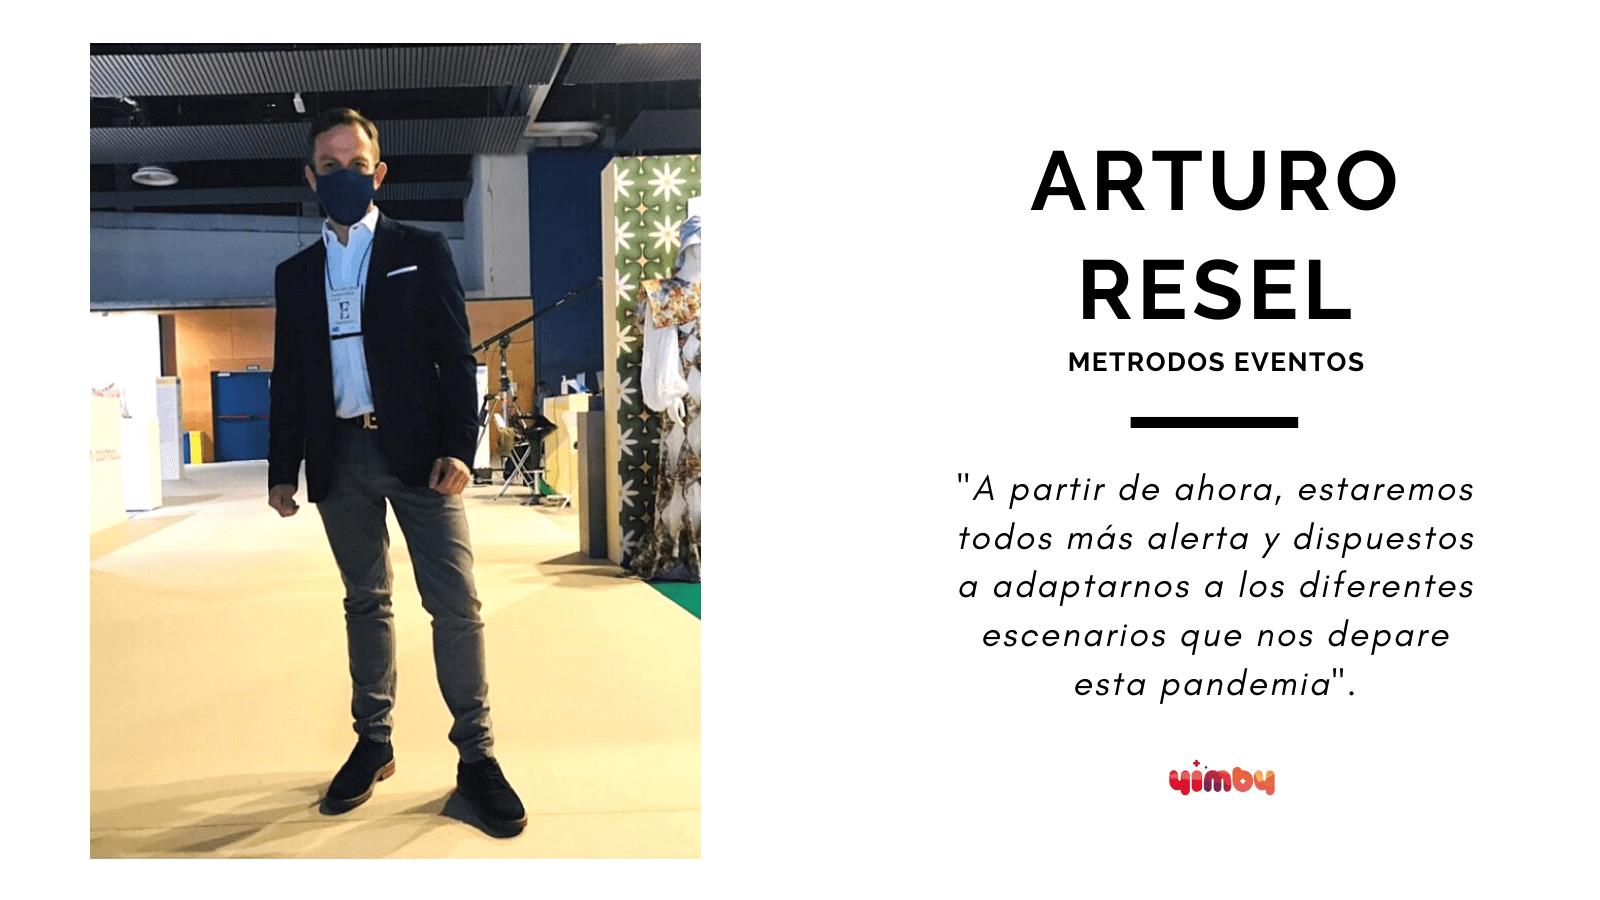 Entrevista a Arturo Resel